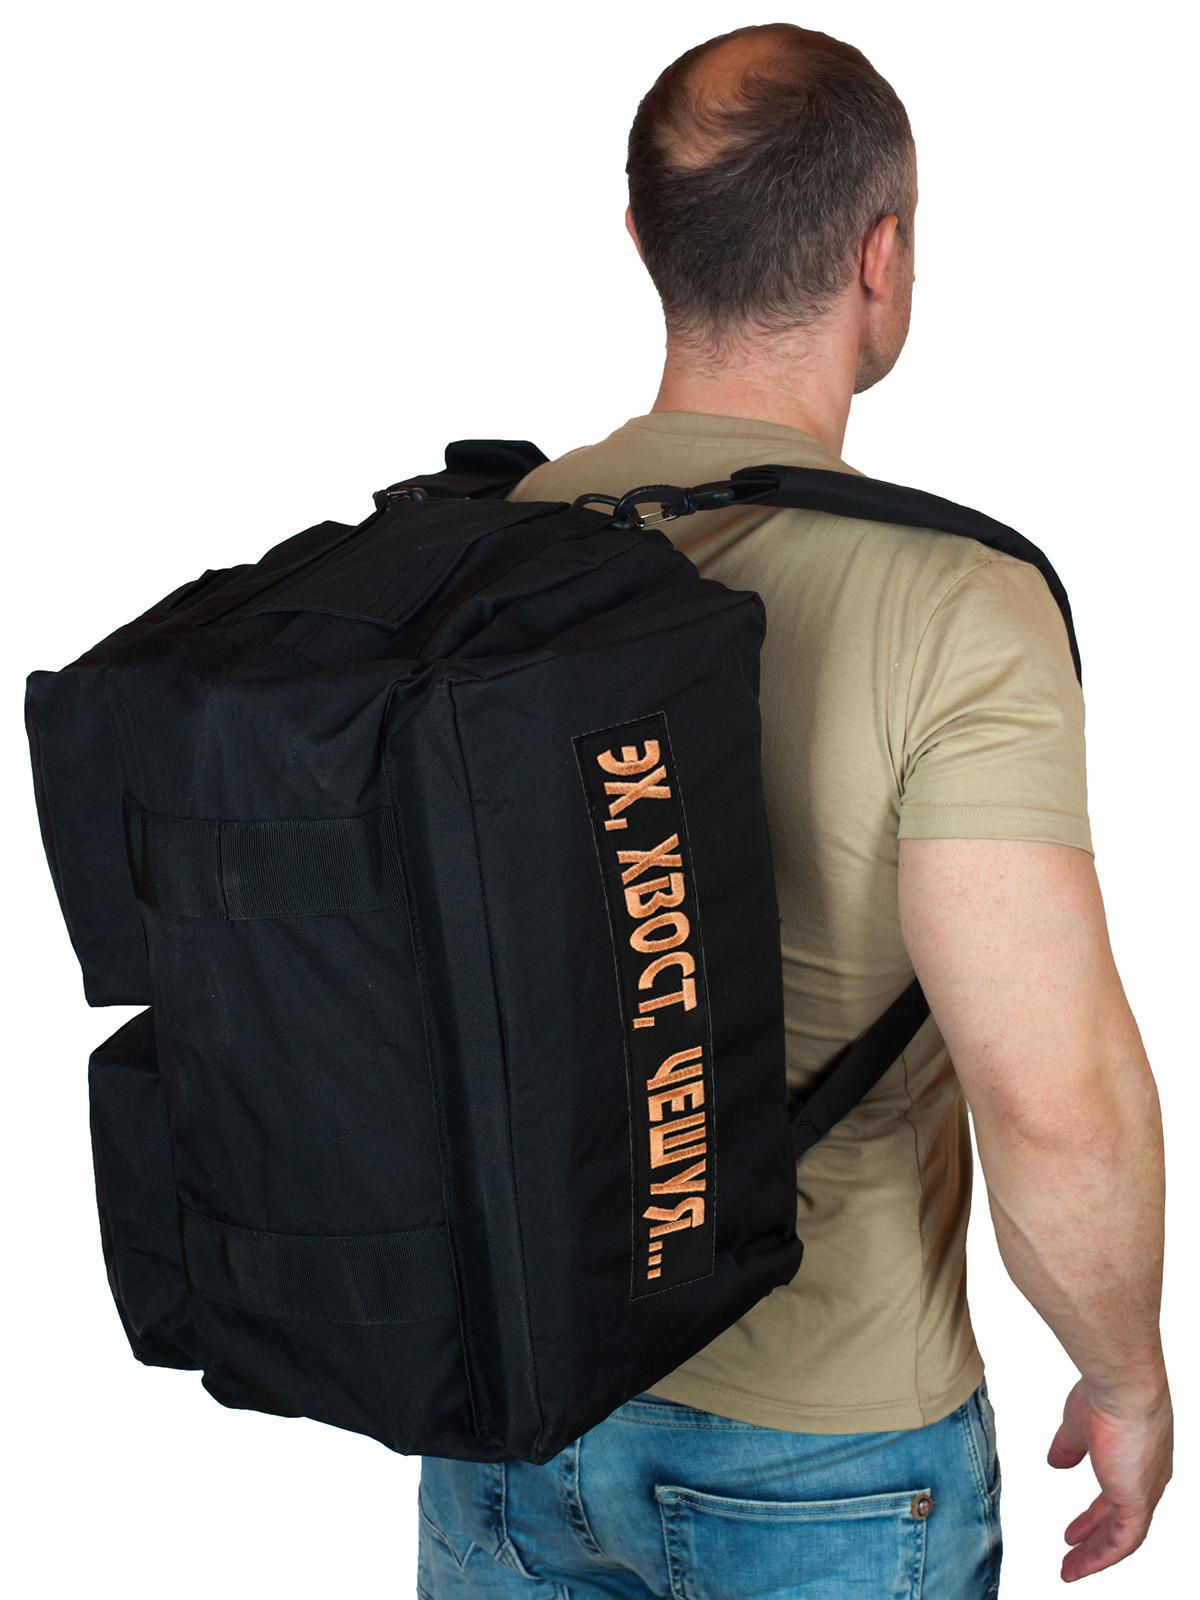 Купить черную дорожную сумку-рюкзак Эх, хвост, чешуя по выгодной цене